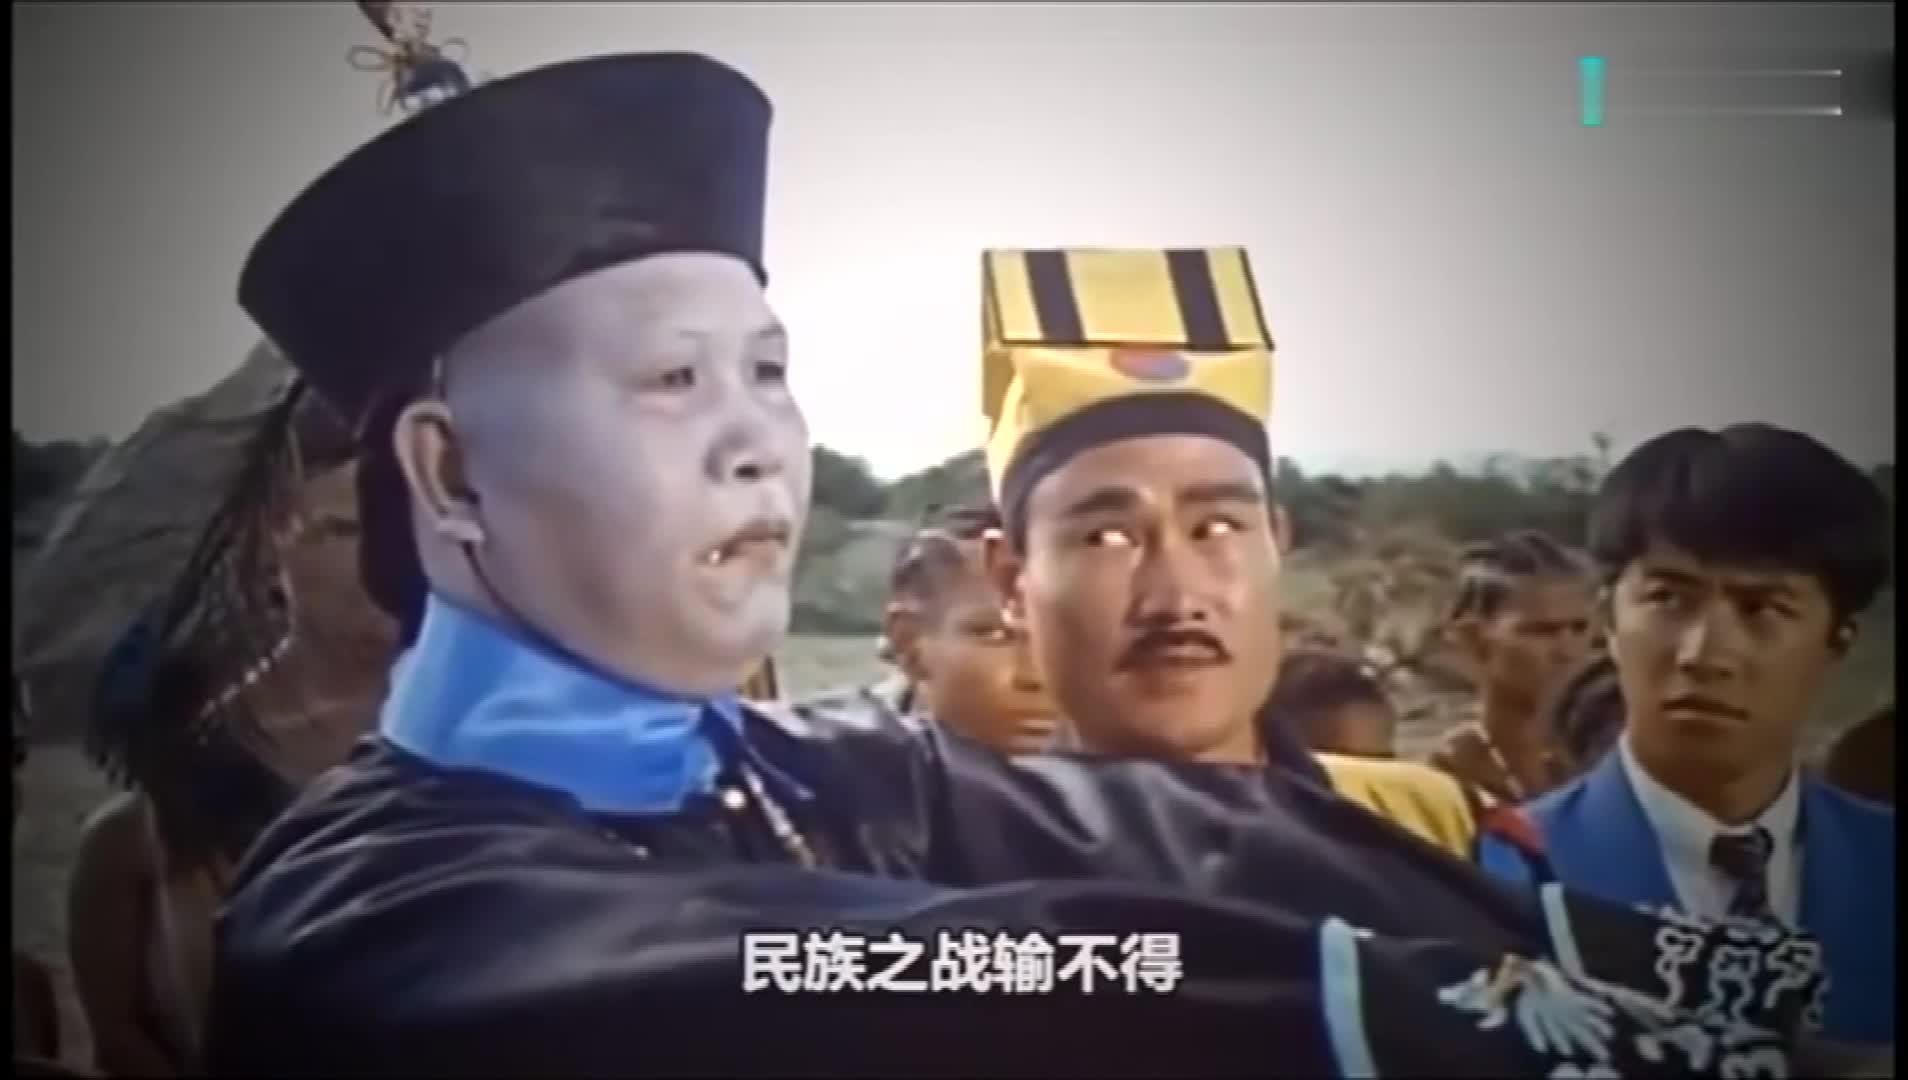 林正英教中国僵尸怎么用中国僵尸战胜非洲僵尸!